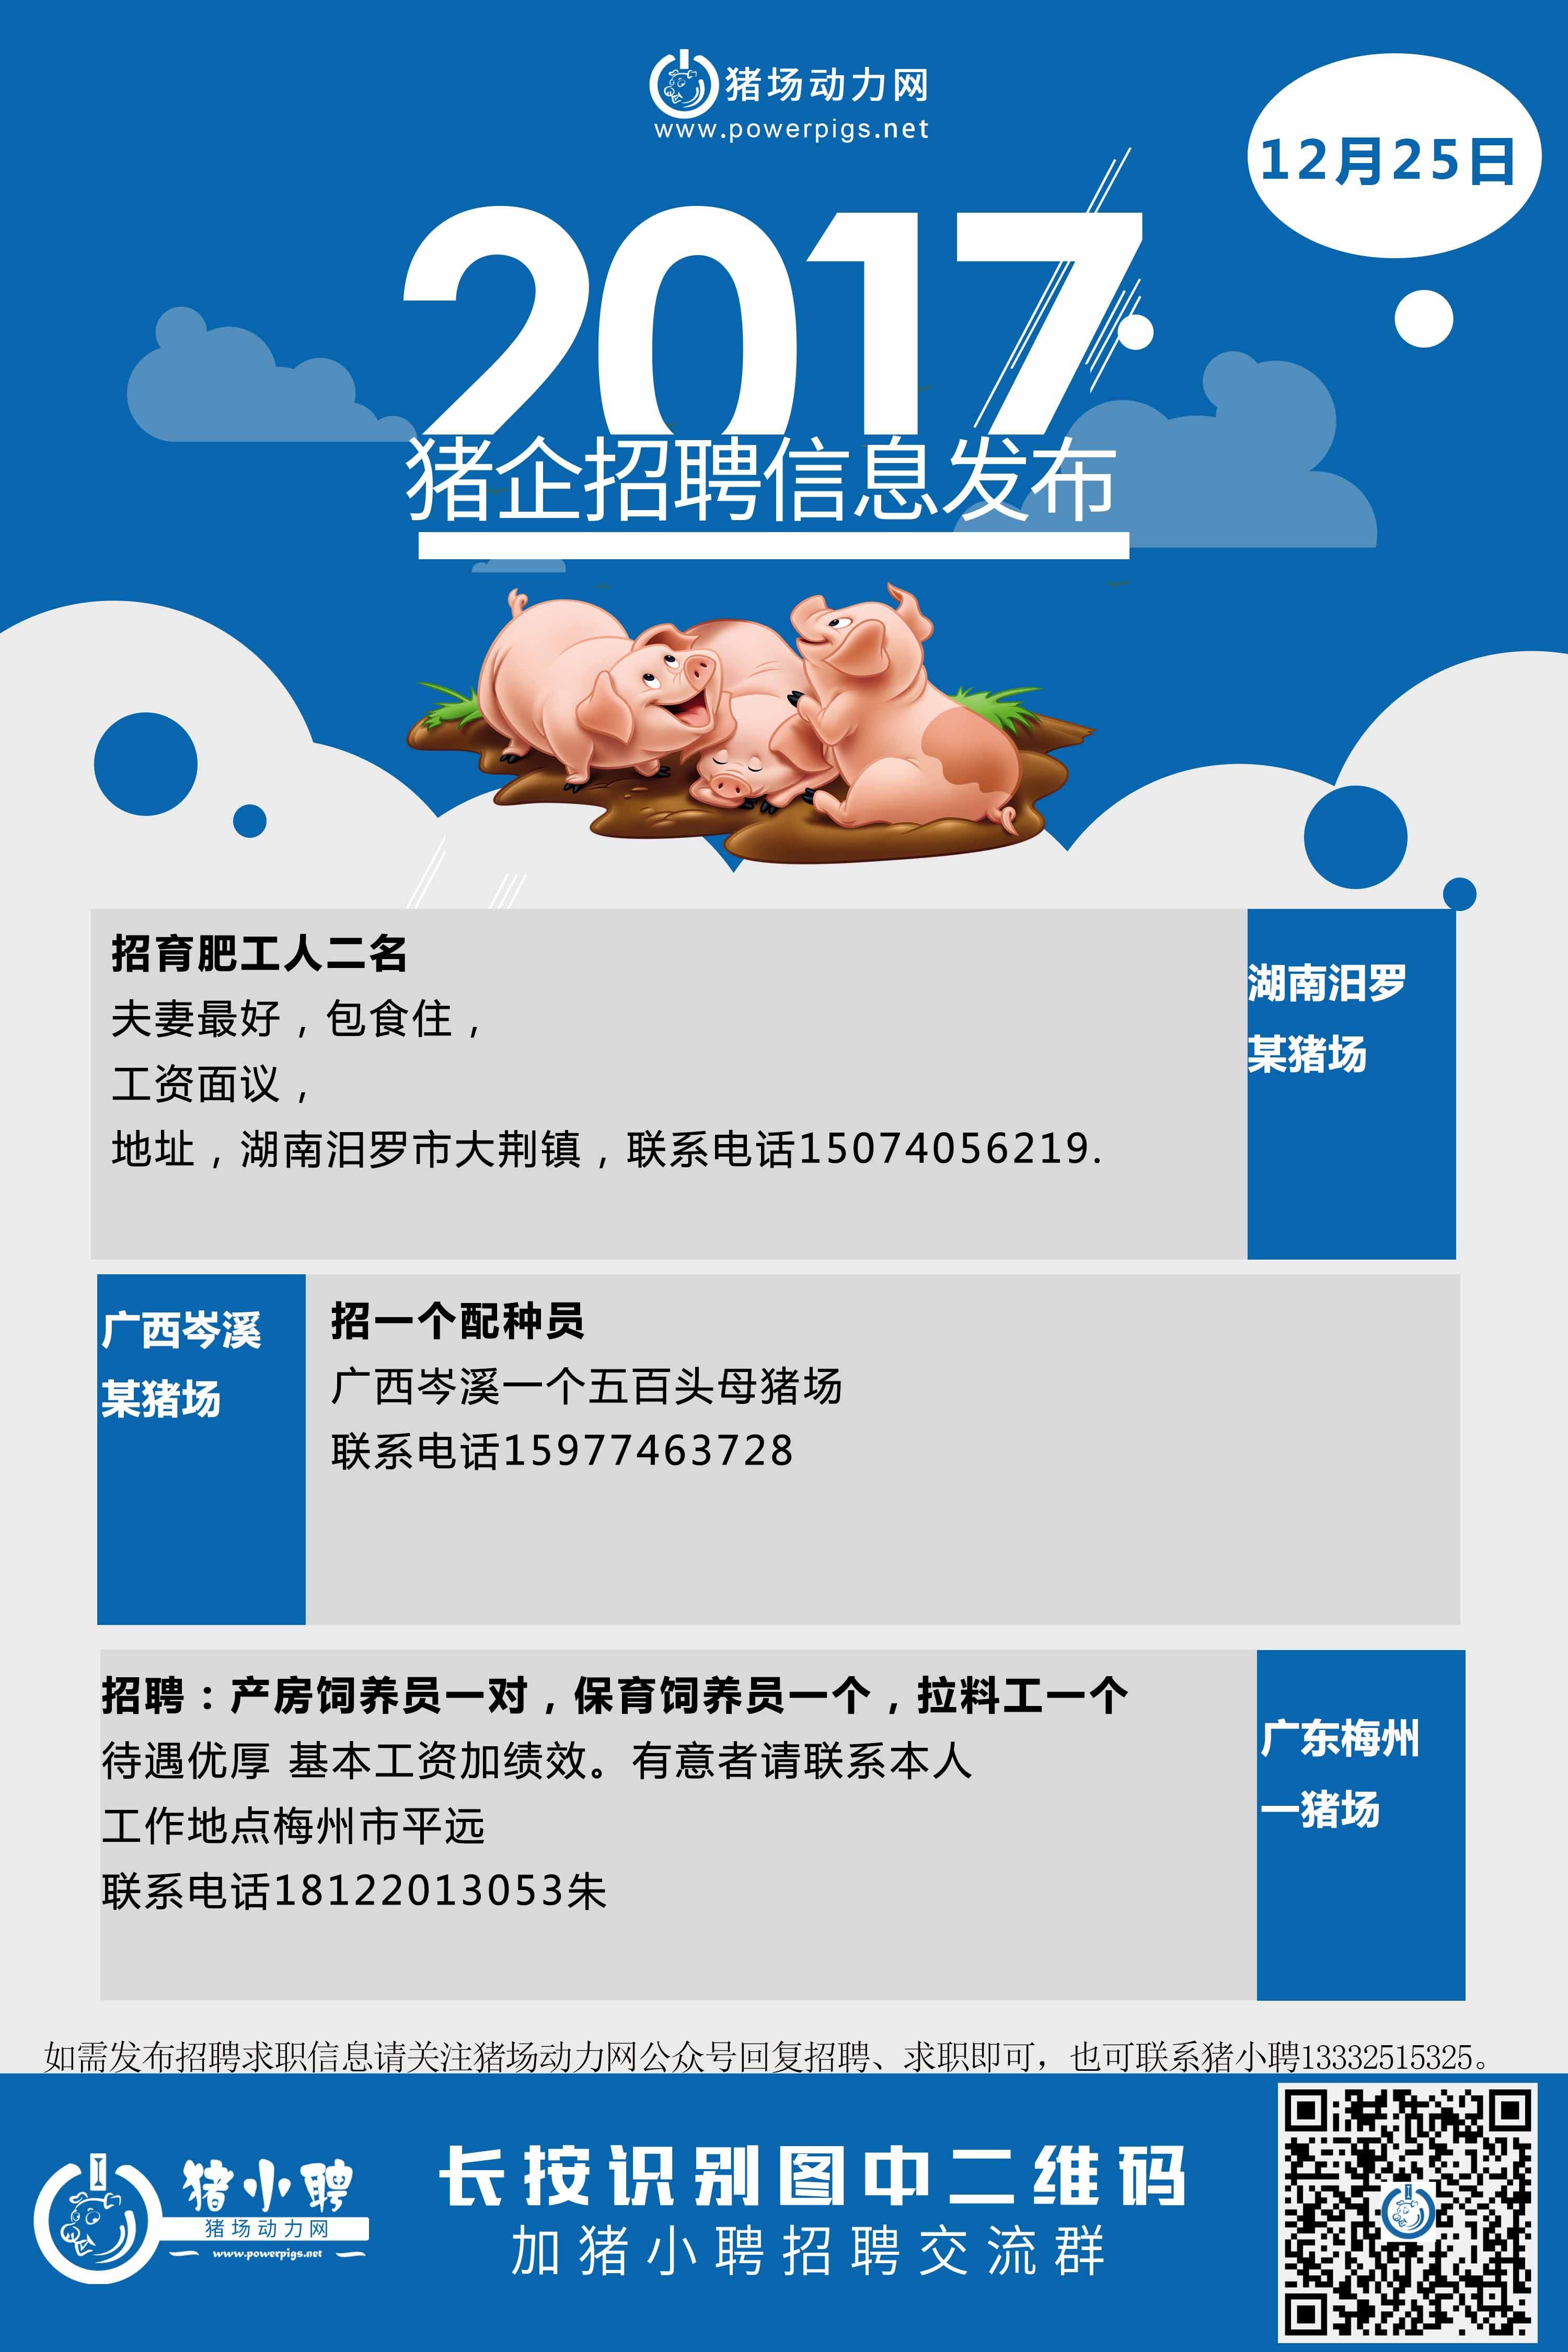 12.25日猪场招聘.jpg